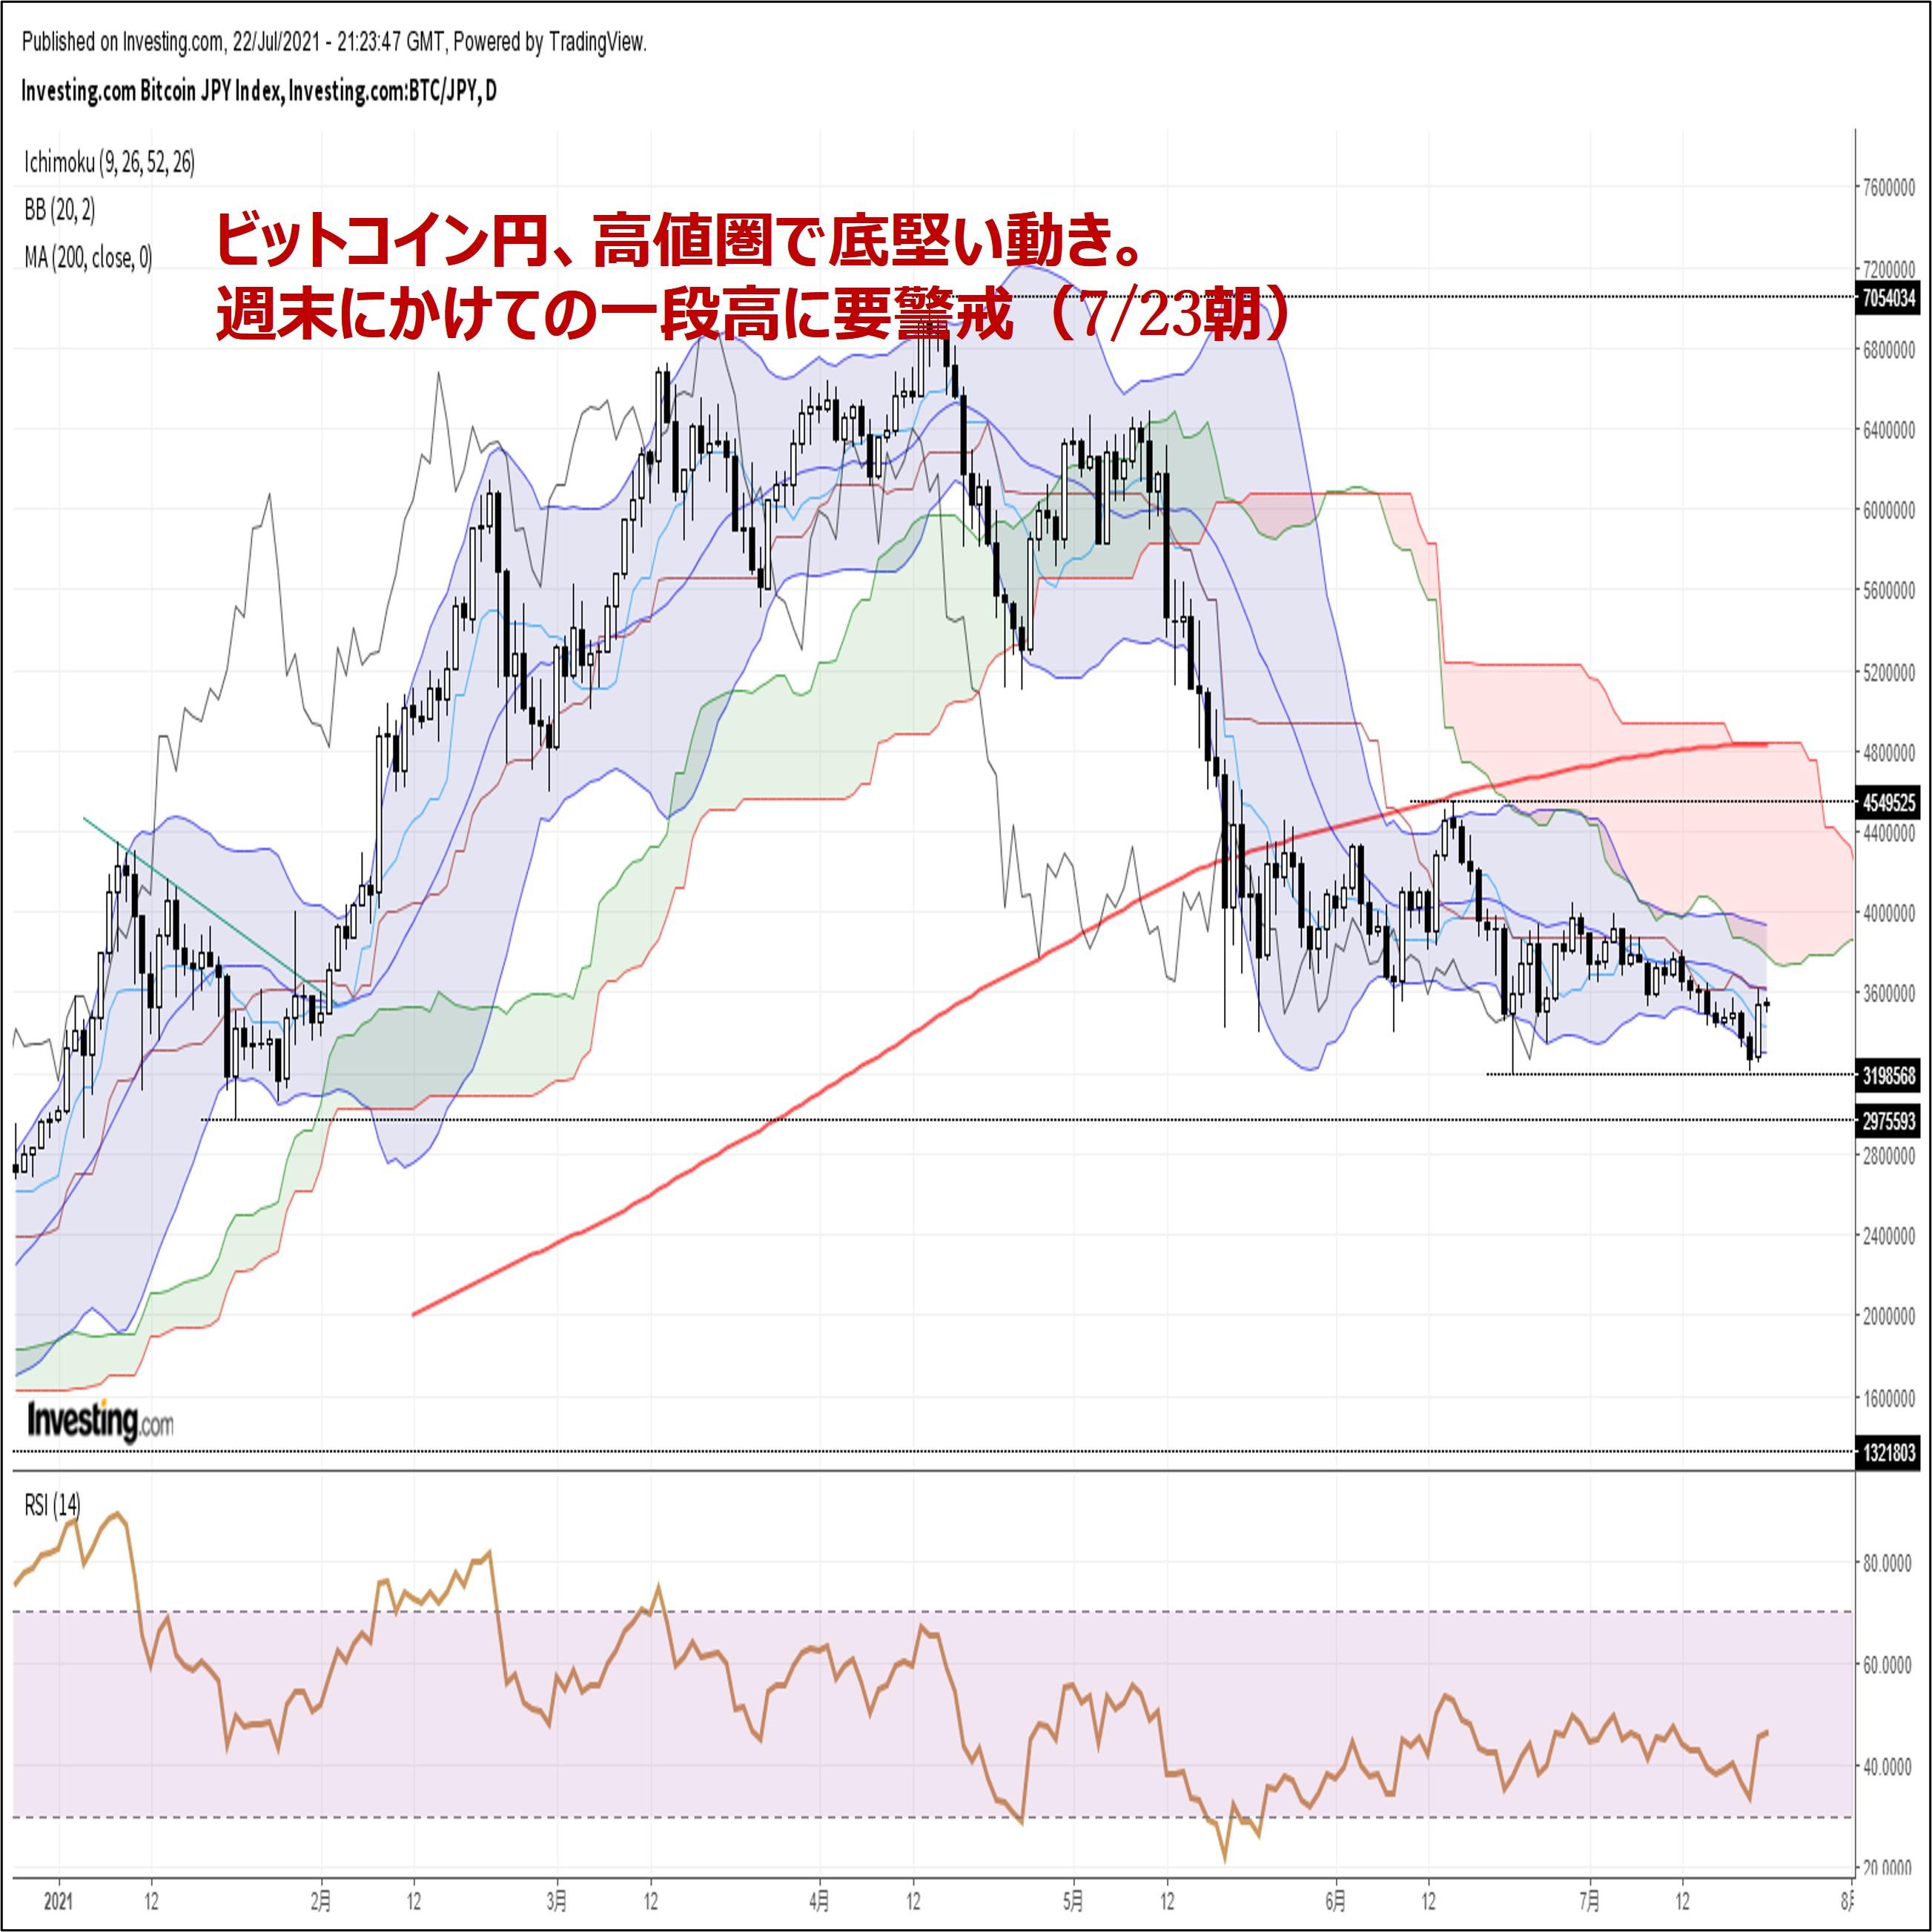 ビットコイン円、高値圏で底堅い動き。週末にかけての一段高に要警戒(7/23朝)